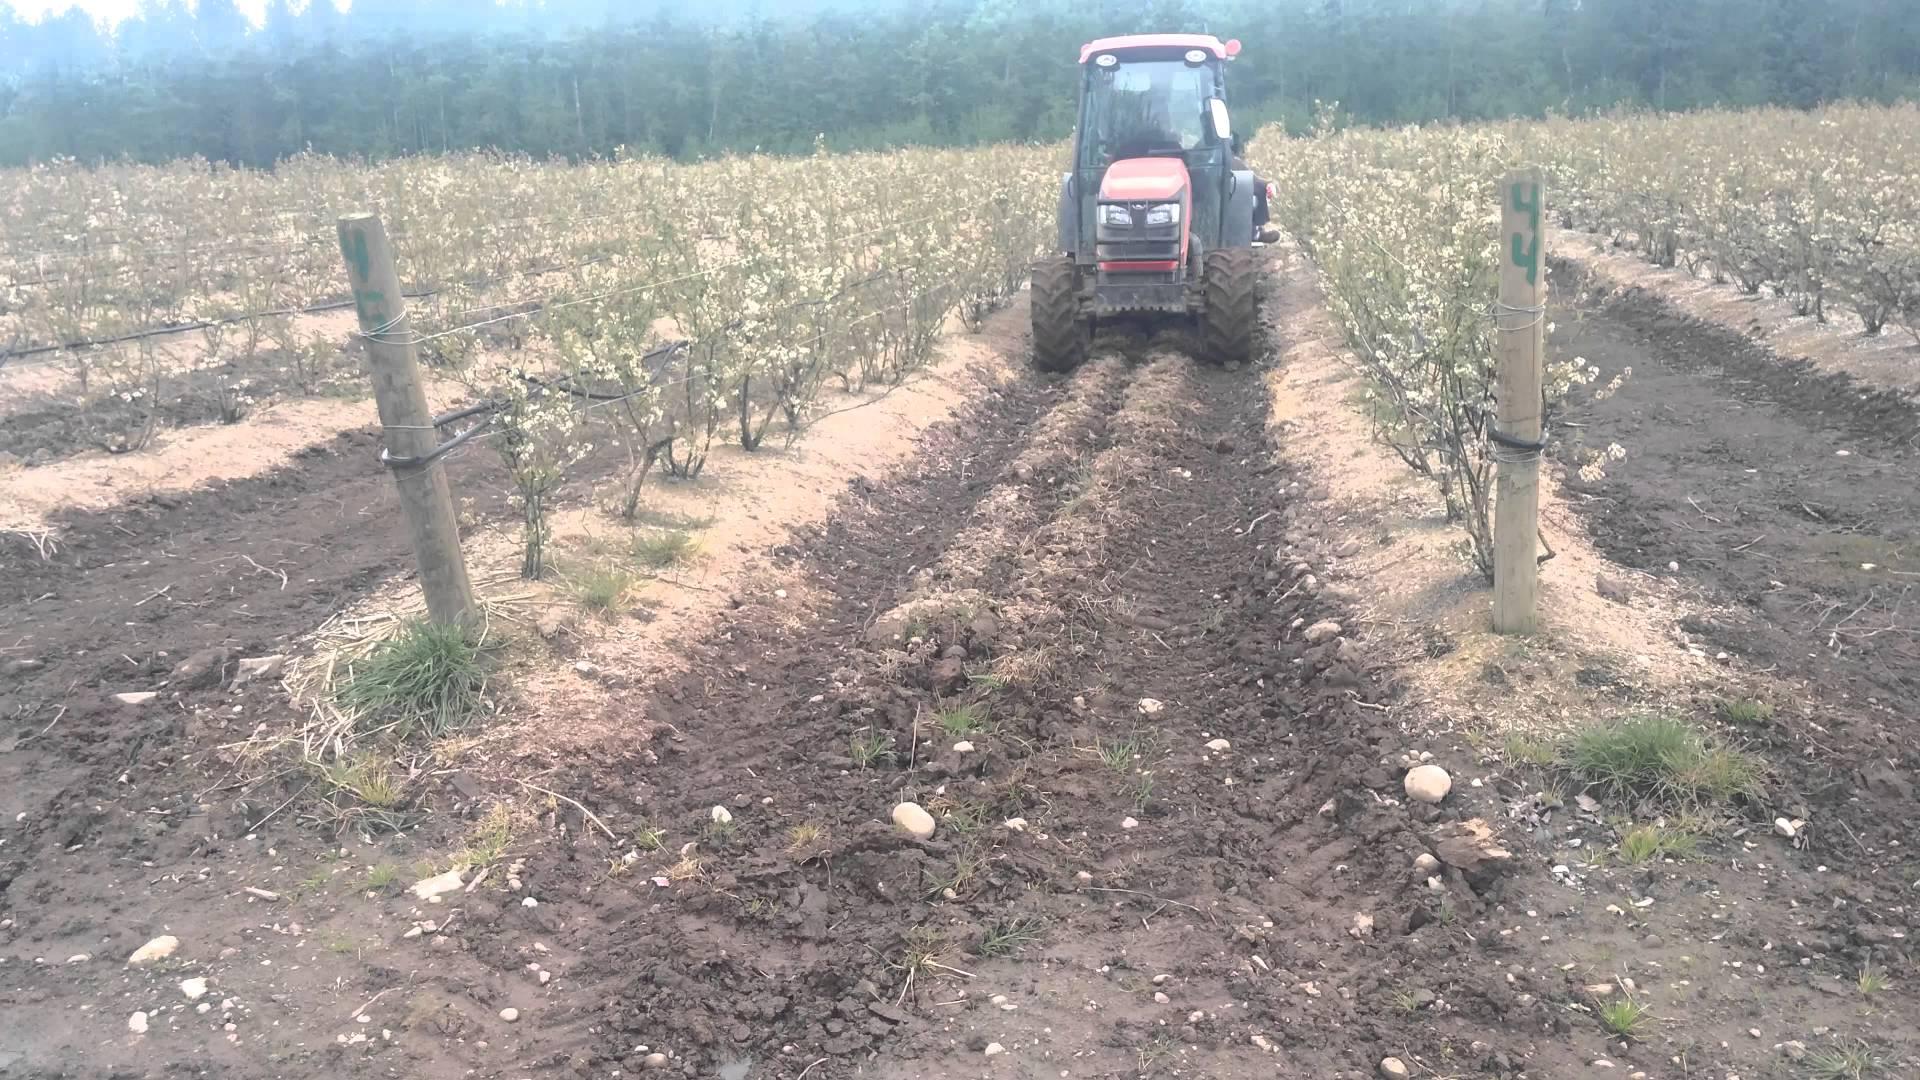 Blueberry fertilizer spreader